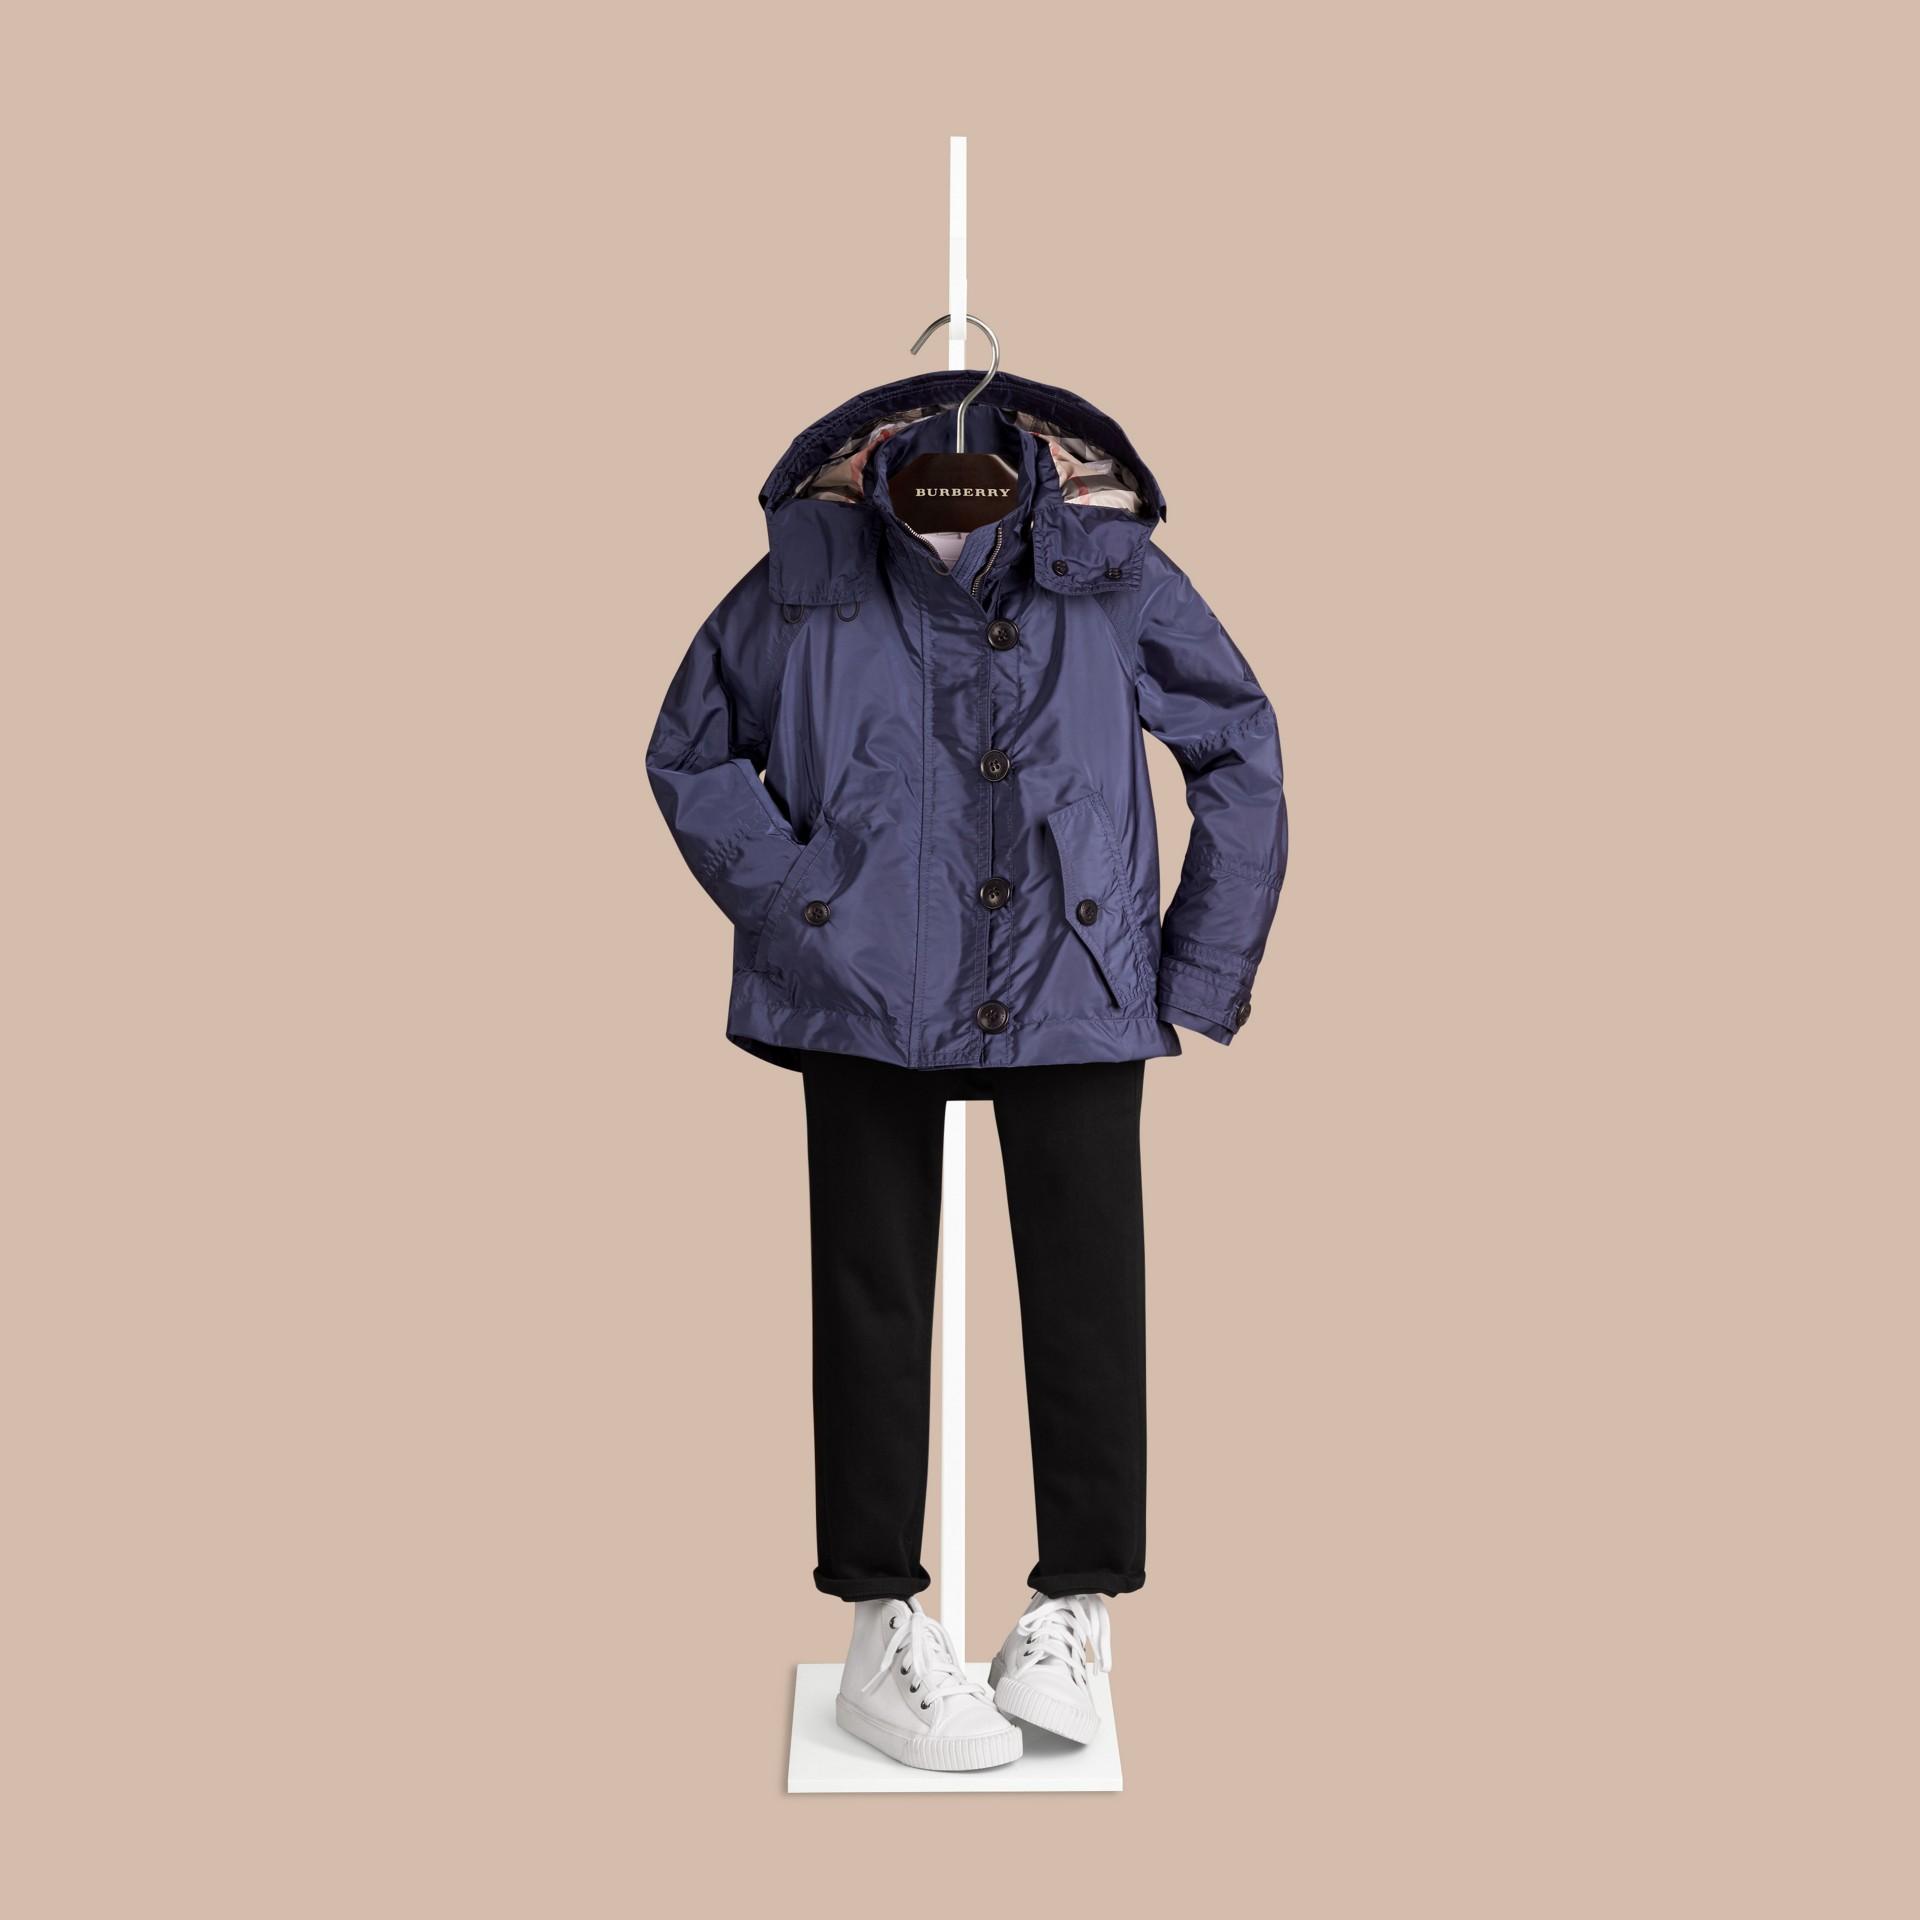 미드 인디고 후드 테크니컬 재킷 미드 인디고 - 갤러리 이미지 2